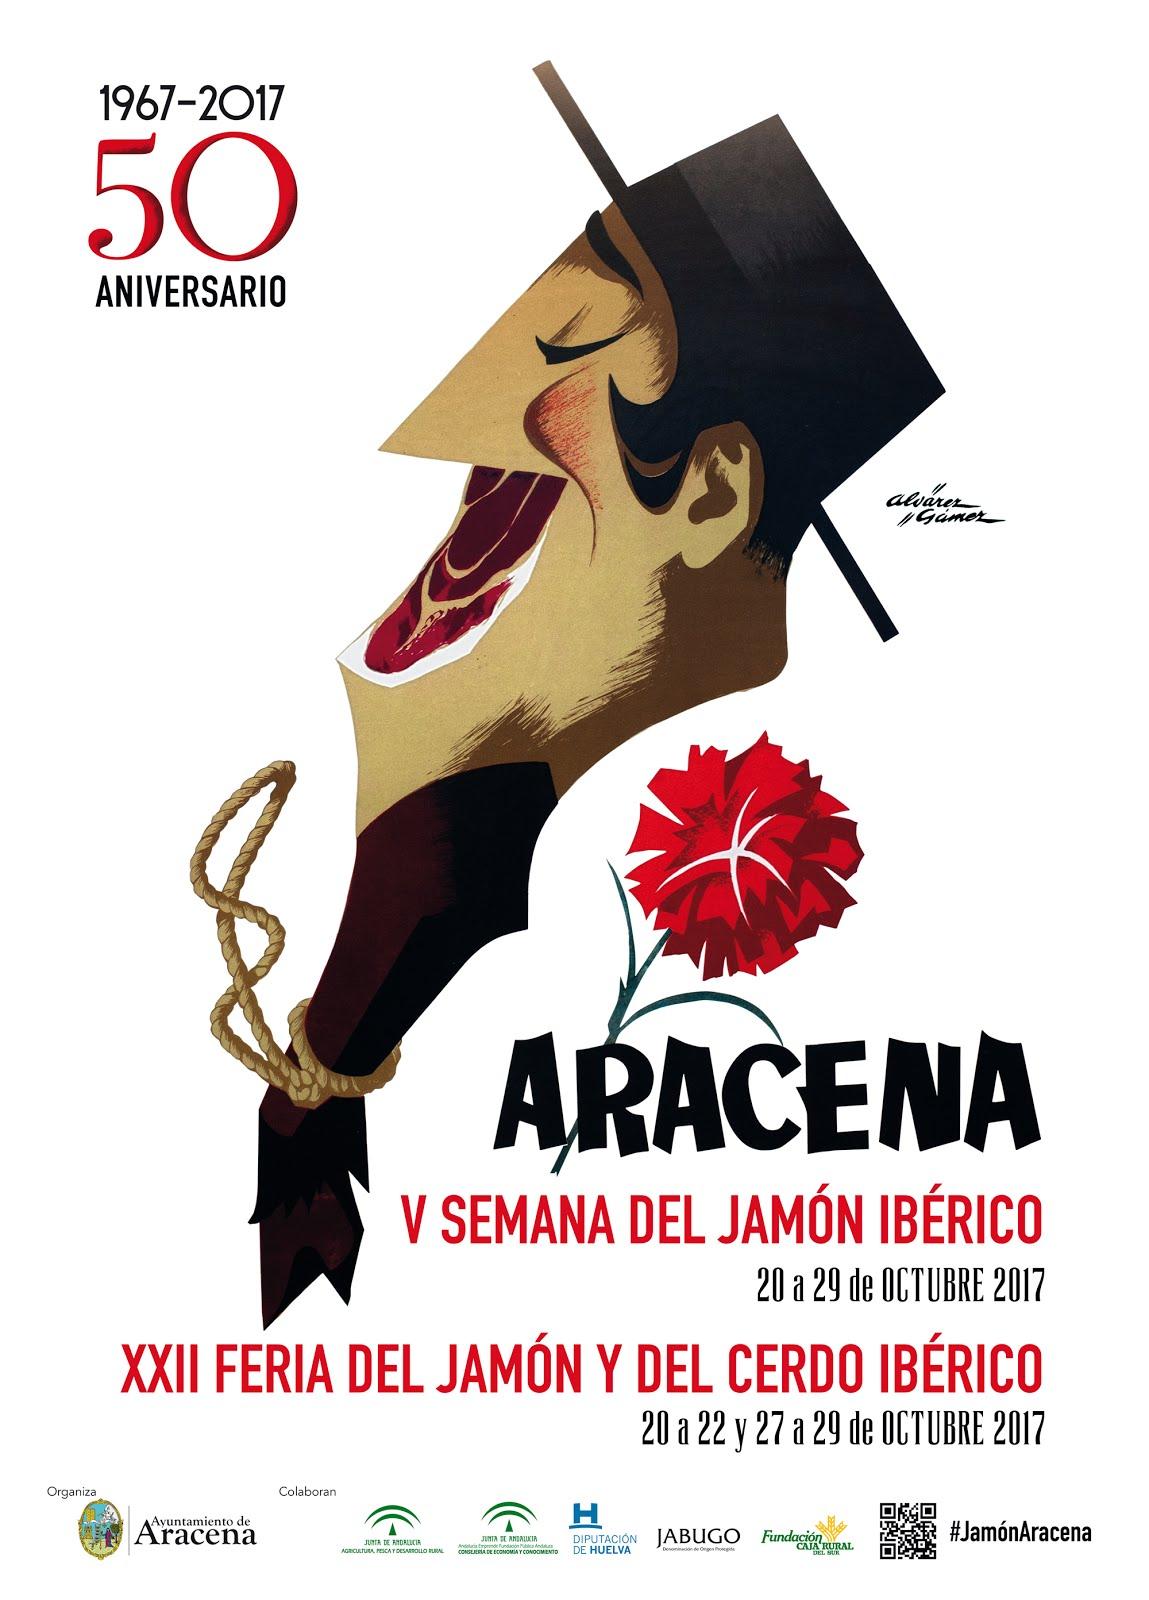 XXII Feria del Jamón de Aracena 2017